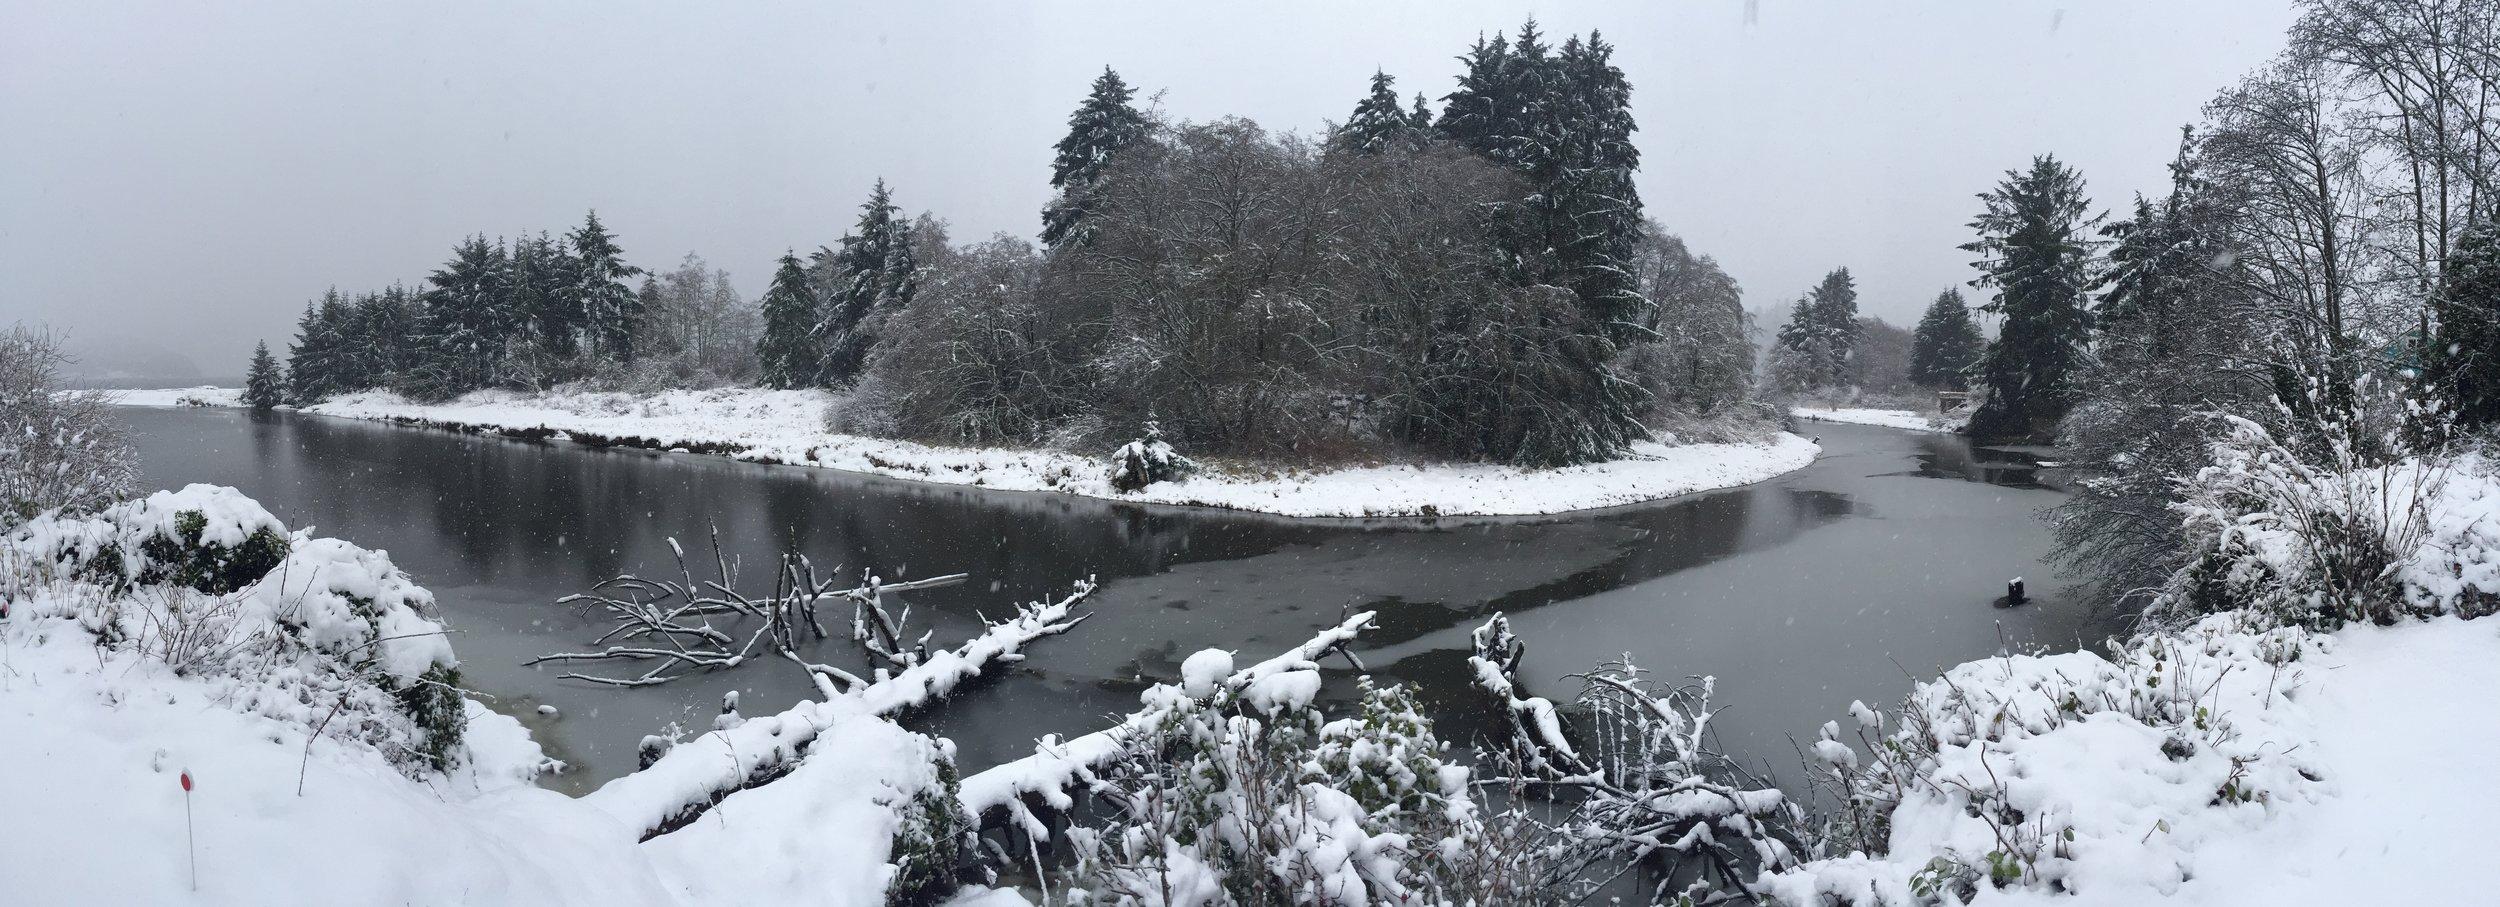 Clallam River 2017